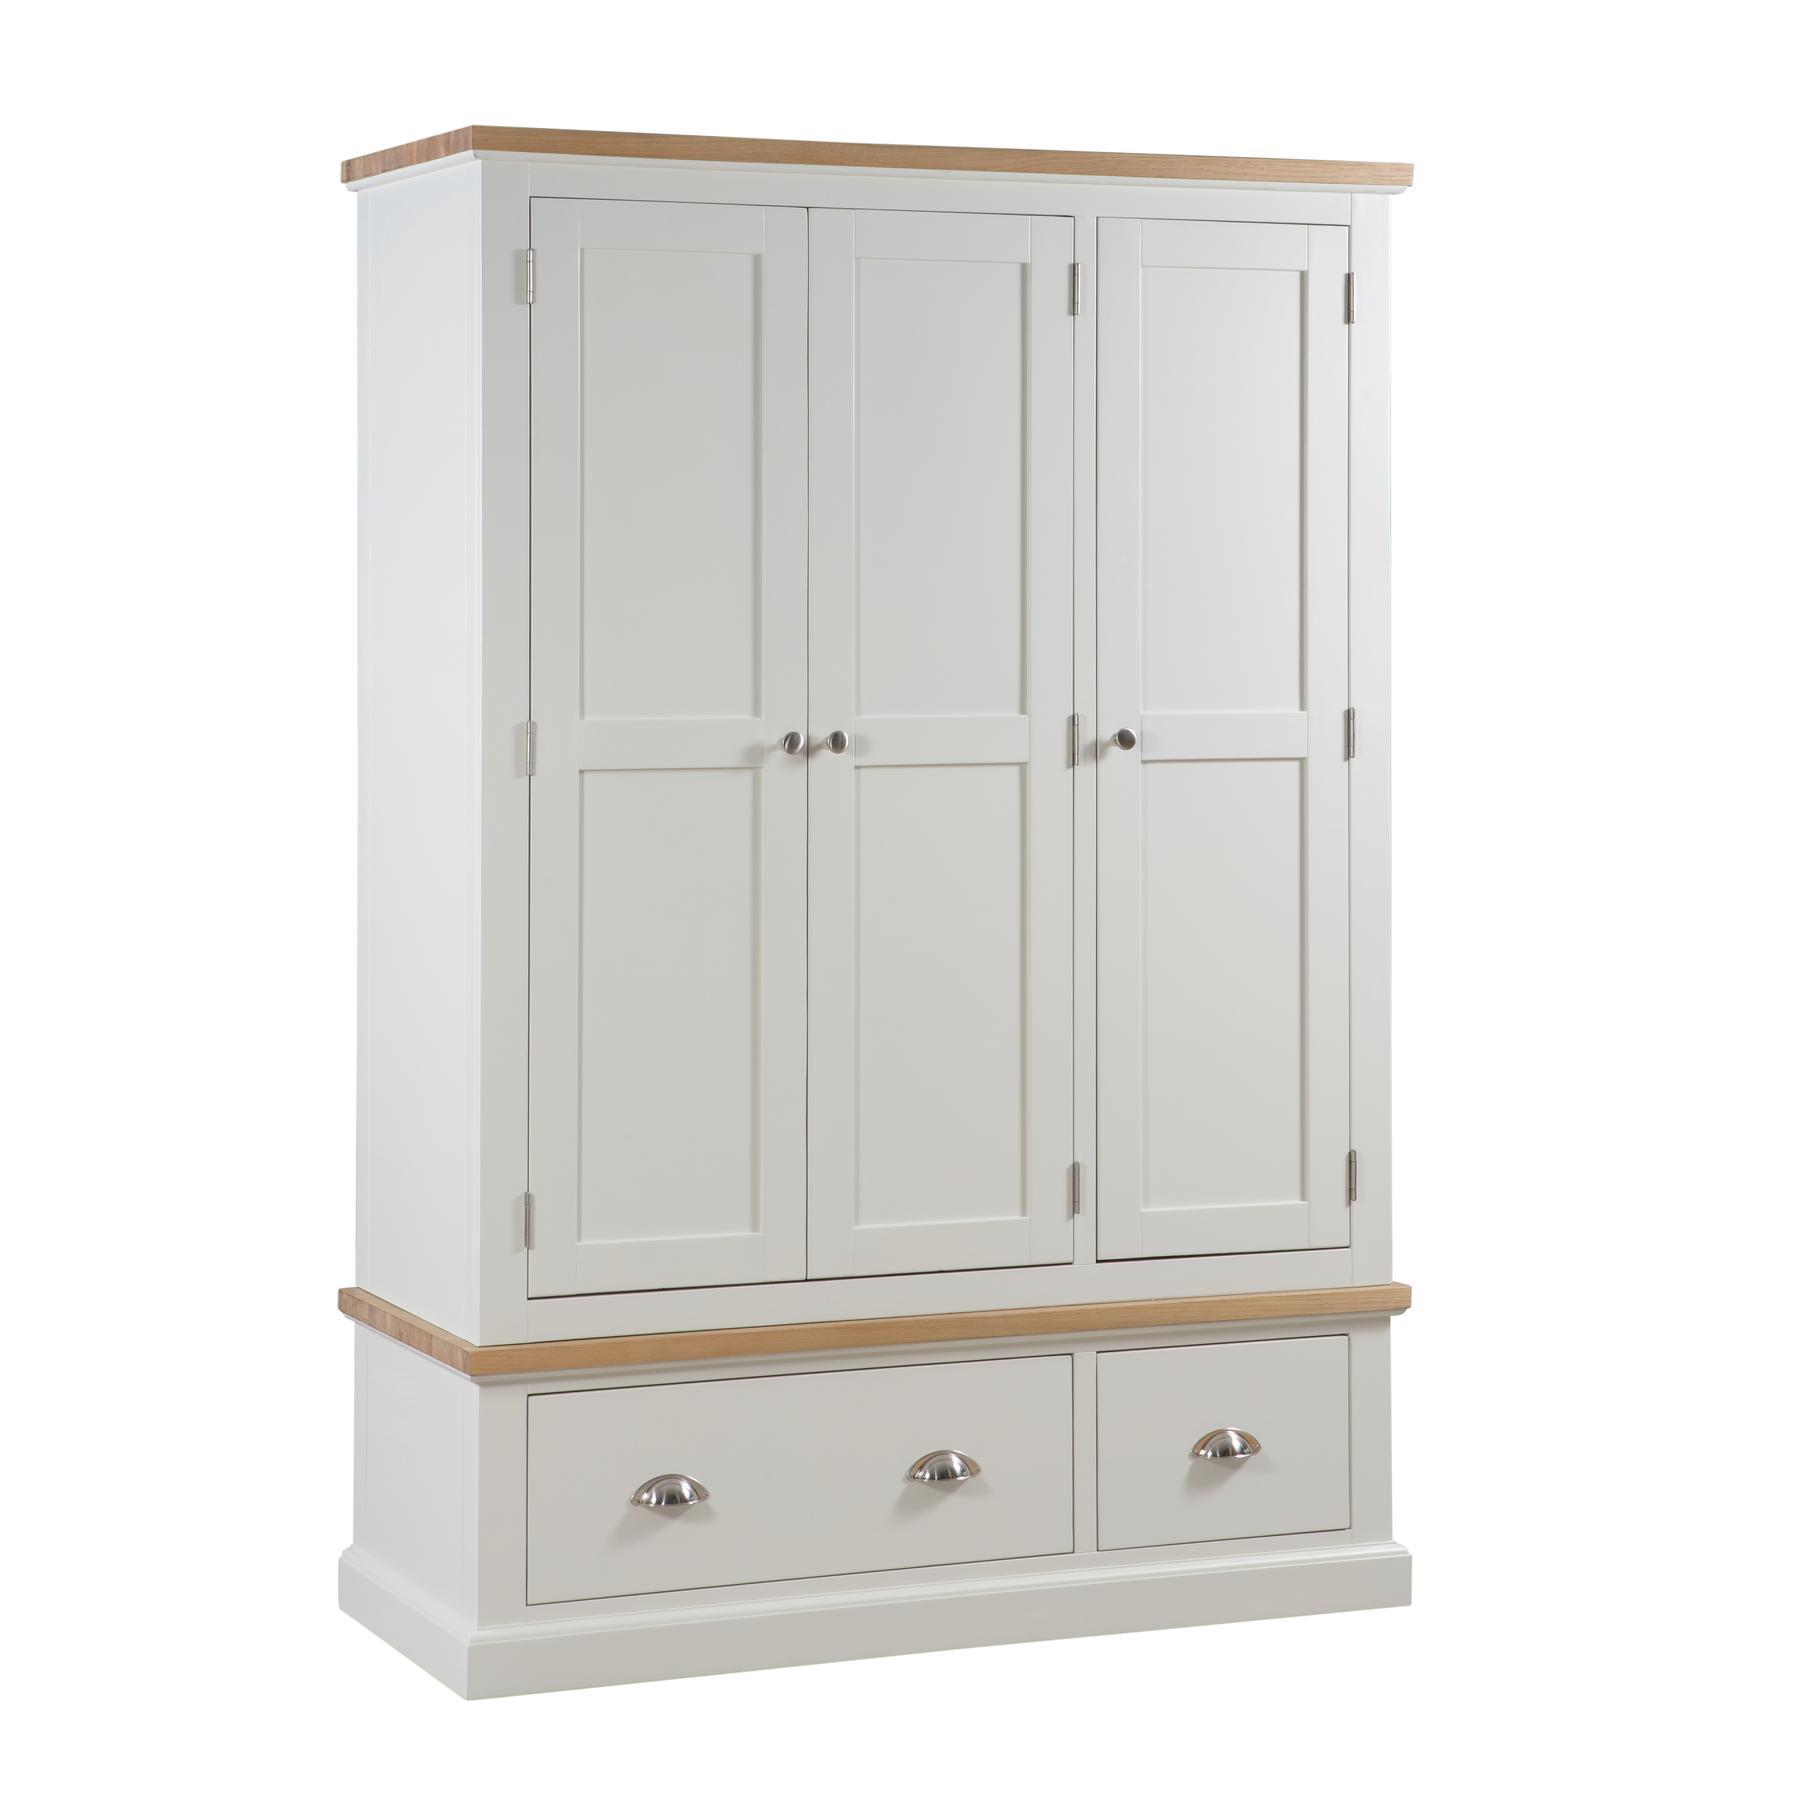 Ripley Oak Triple Over 3 Drawer Wardrobe